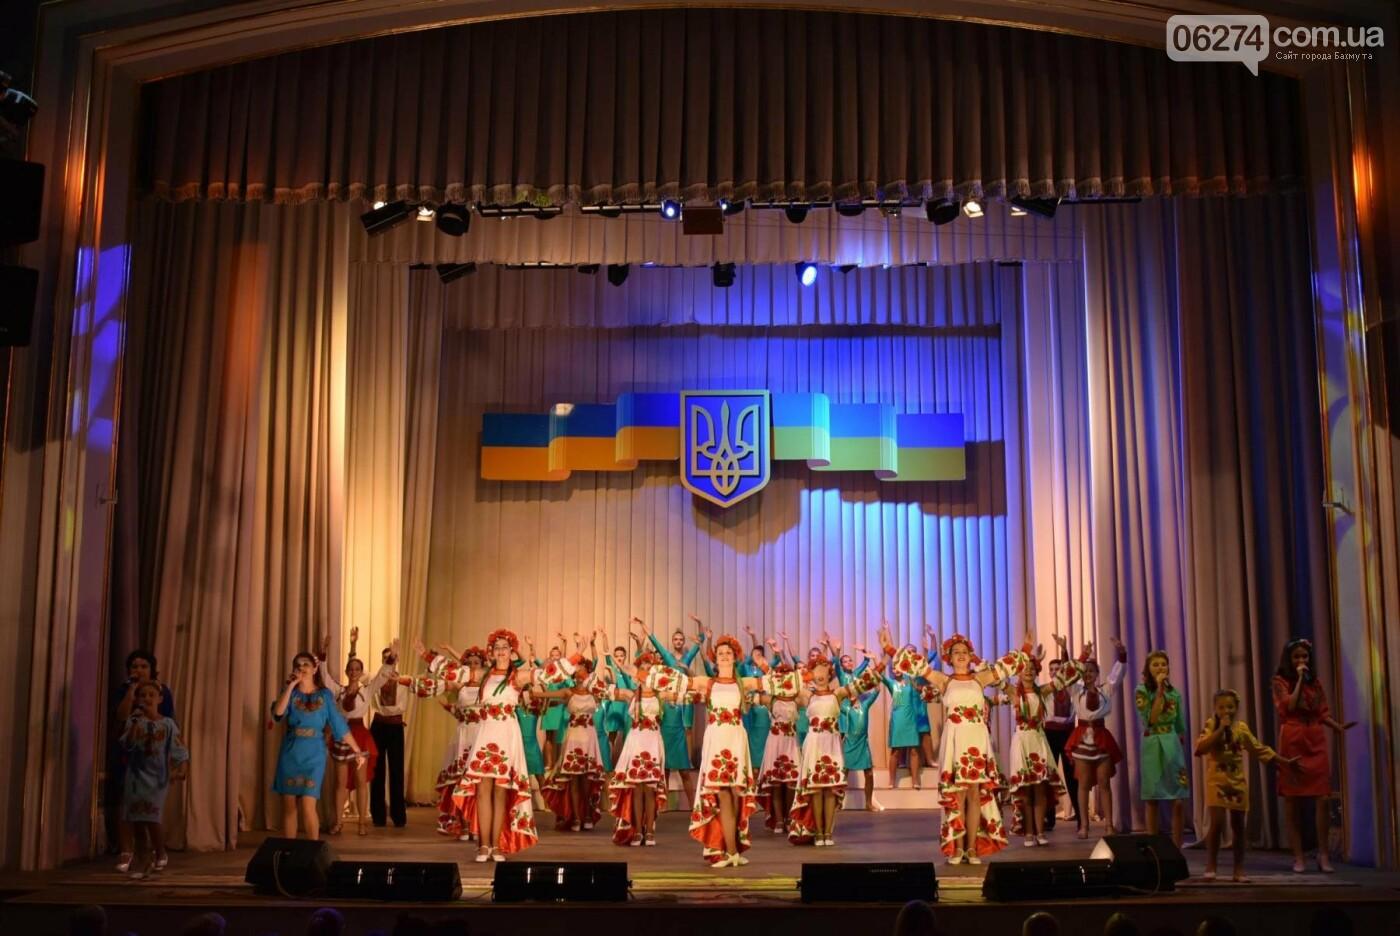 В Бахмуте прошло торжественное собрание по случаю Дня Конституции Украины, фото-14